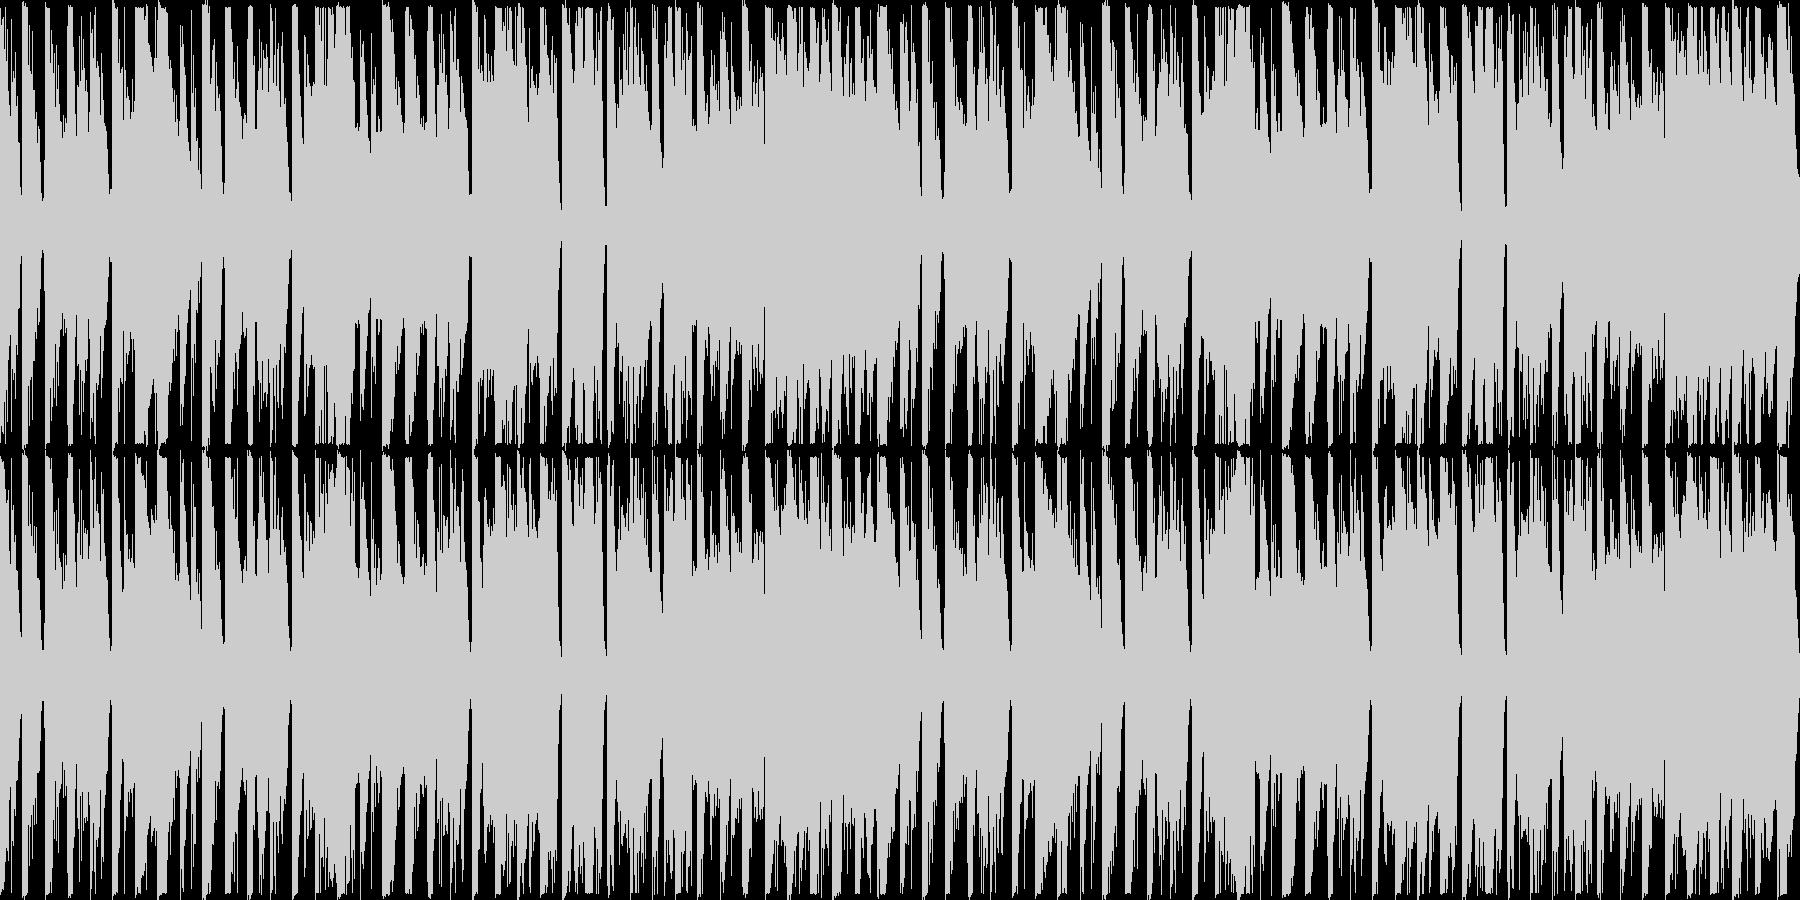 【ループ】レース1位通過のリザルトBGMの未再生の波形